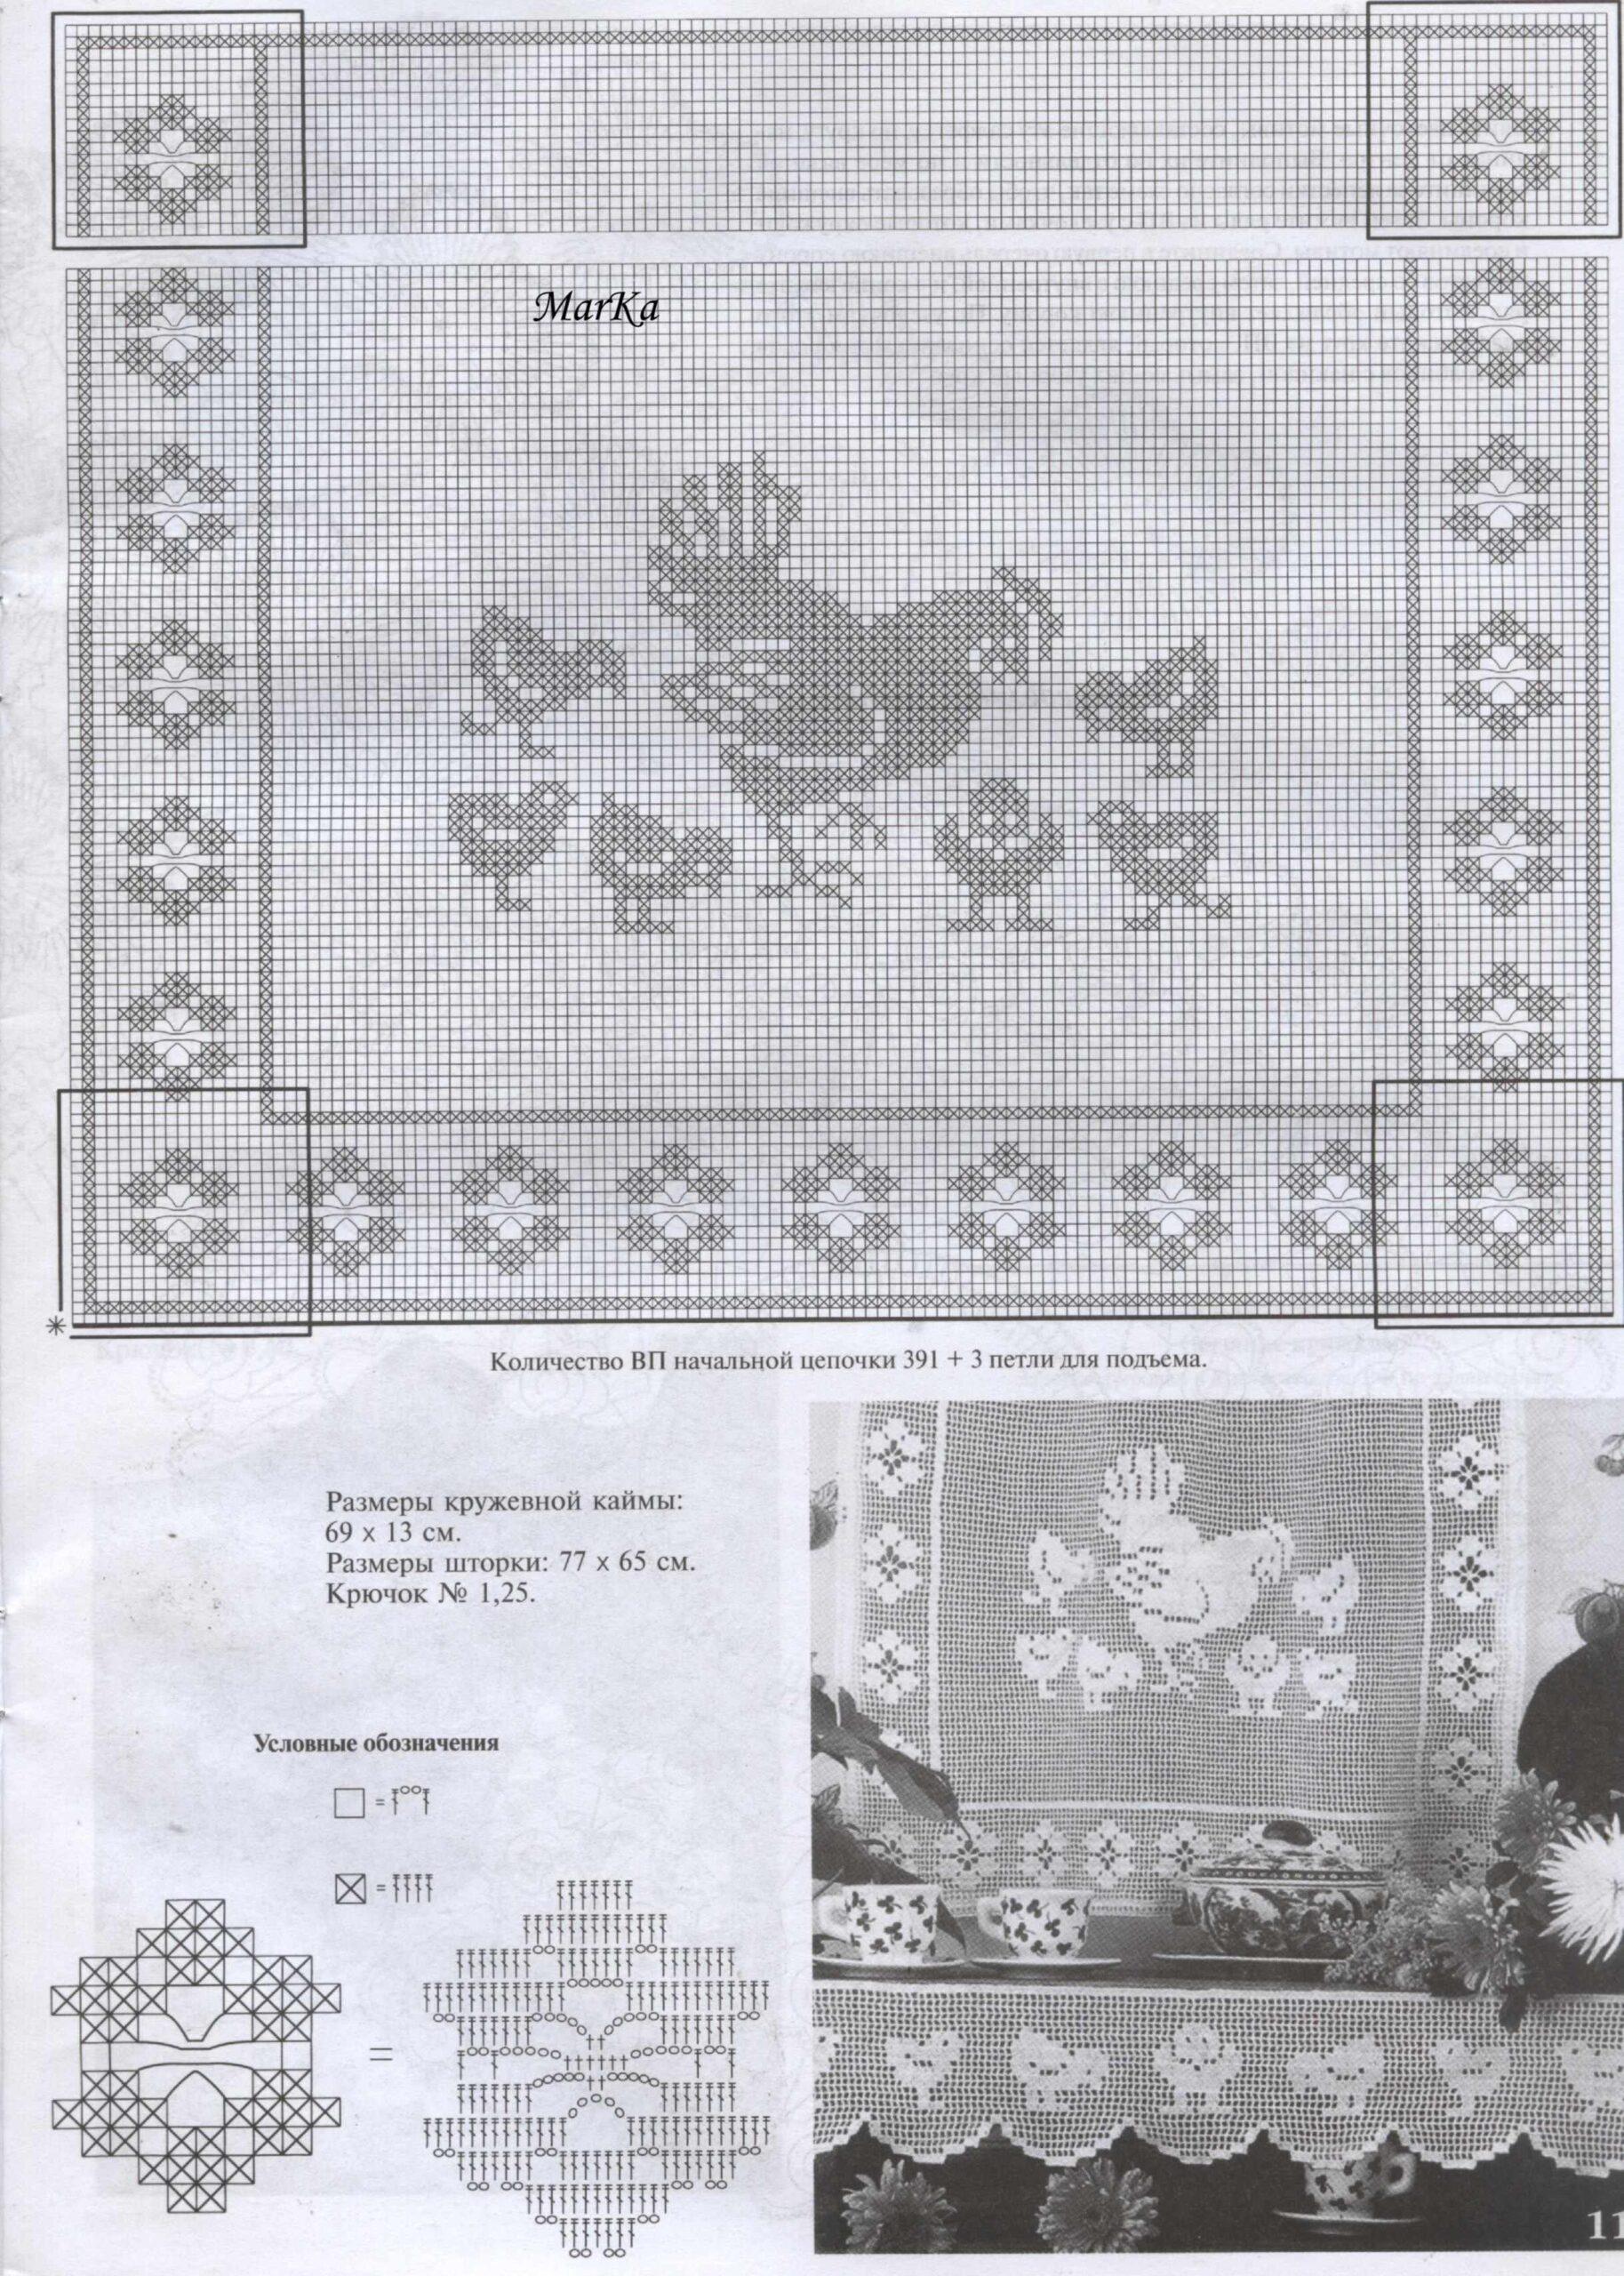 Full Size of Küchegardinen Häkeln Anleitung Window Crochet Chicken Kitchen Grandma Mit Bildern Hkeln Wohnzimmer Küchegardinen Häkeln Anleitung